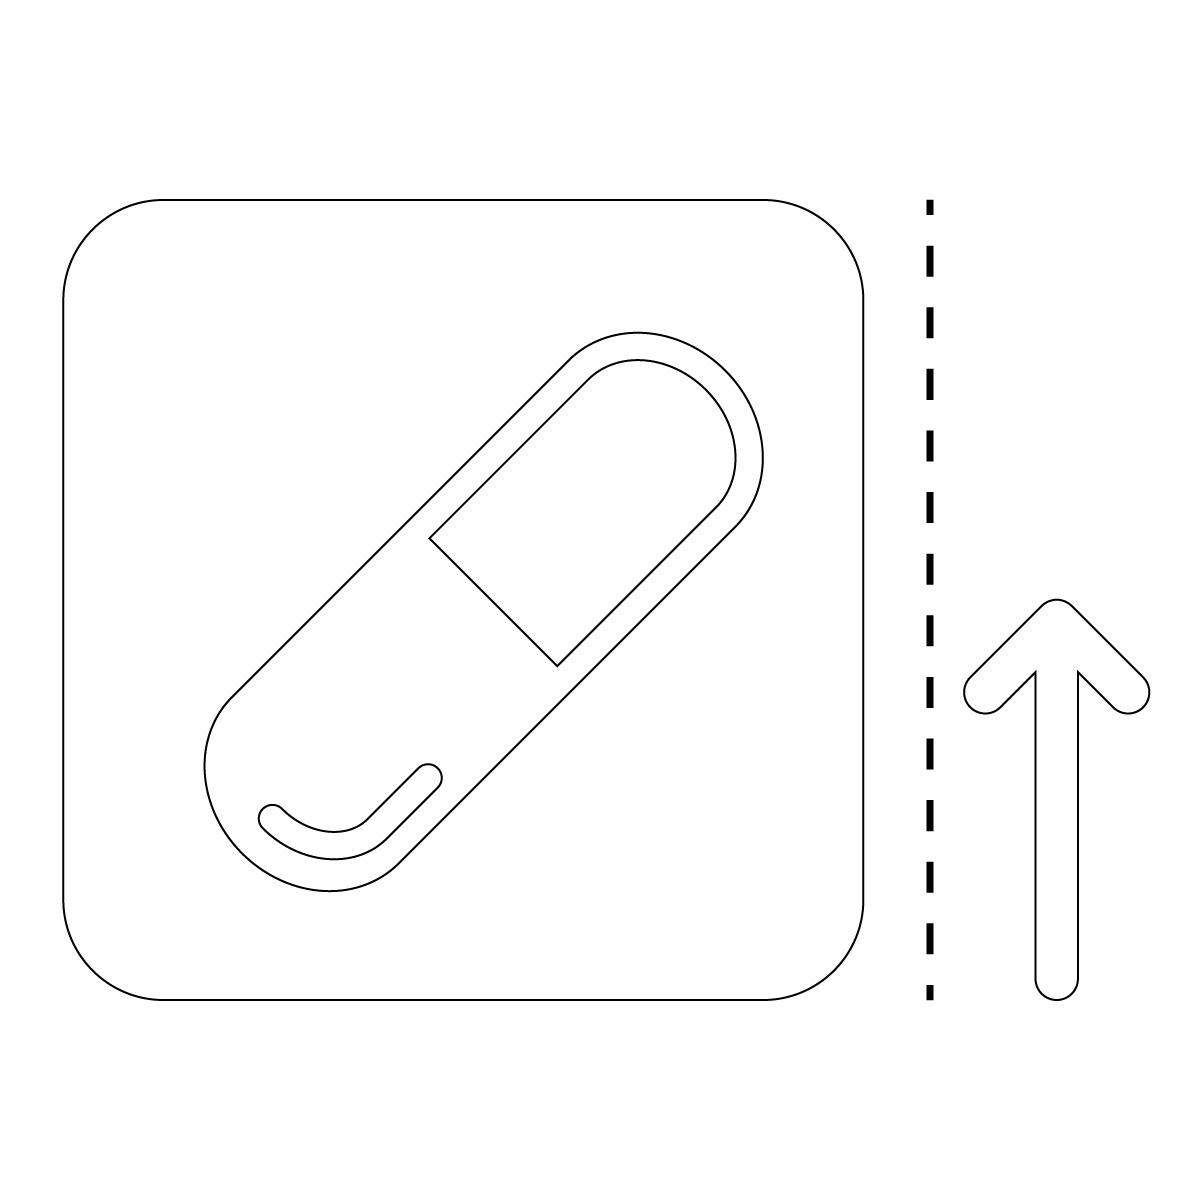 白色のクスリ 薬局 ドラッグストア 案内 マーク(矢印付き)のカッティング ステッカー シール 光沢タイプ・防水・耐水・屋外耐候3~4年